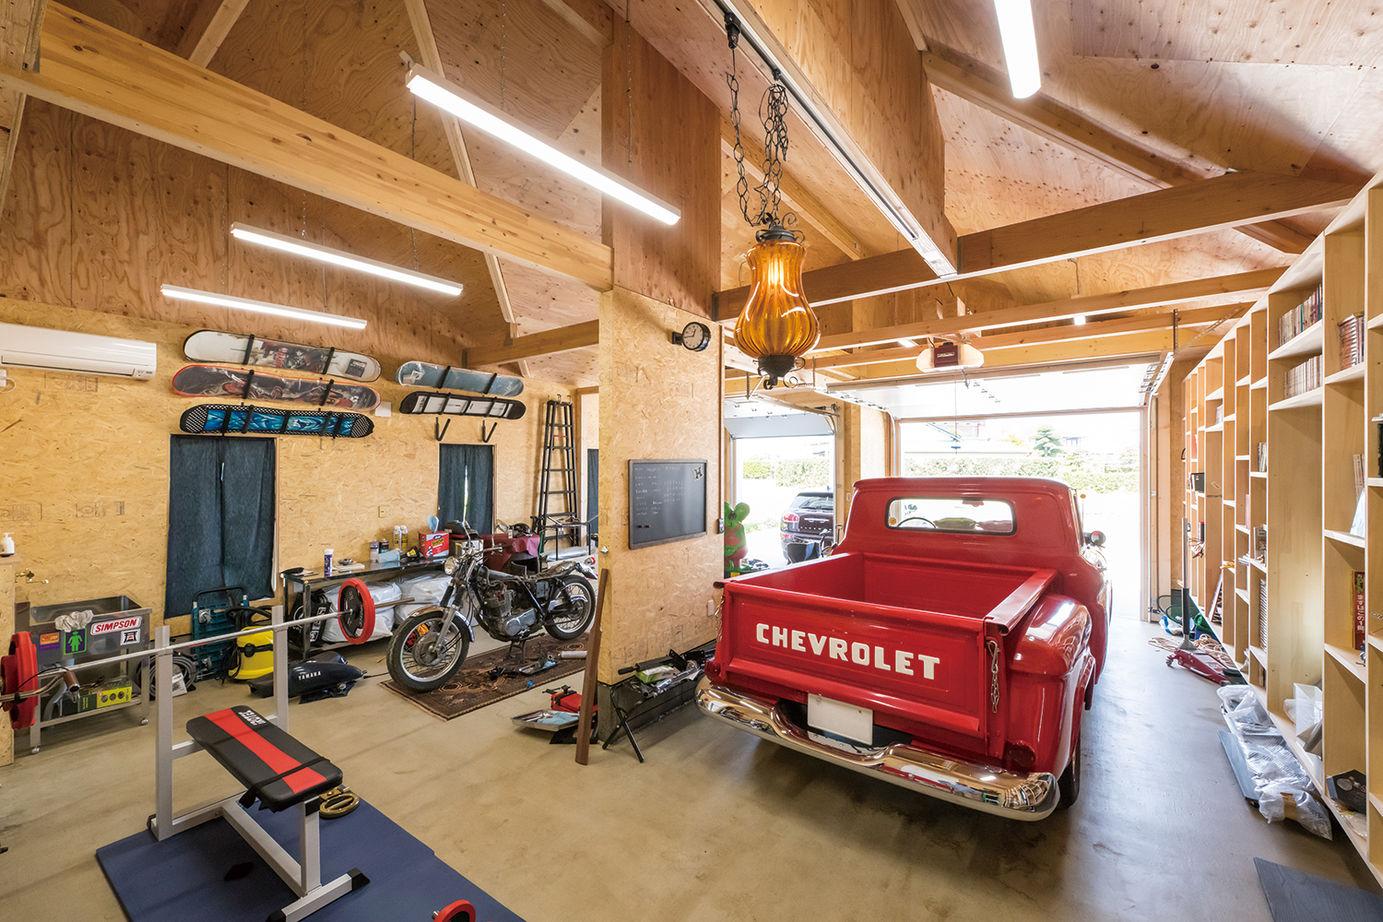 【2613万円】夢とこだわりがたっぷり!ビルトインガレージを楽しむ、ロフト付き平屋アメリカンハウス画像3